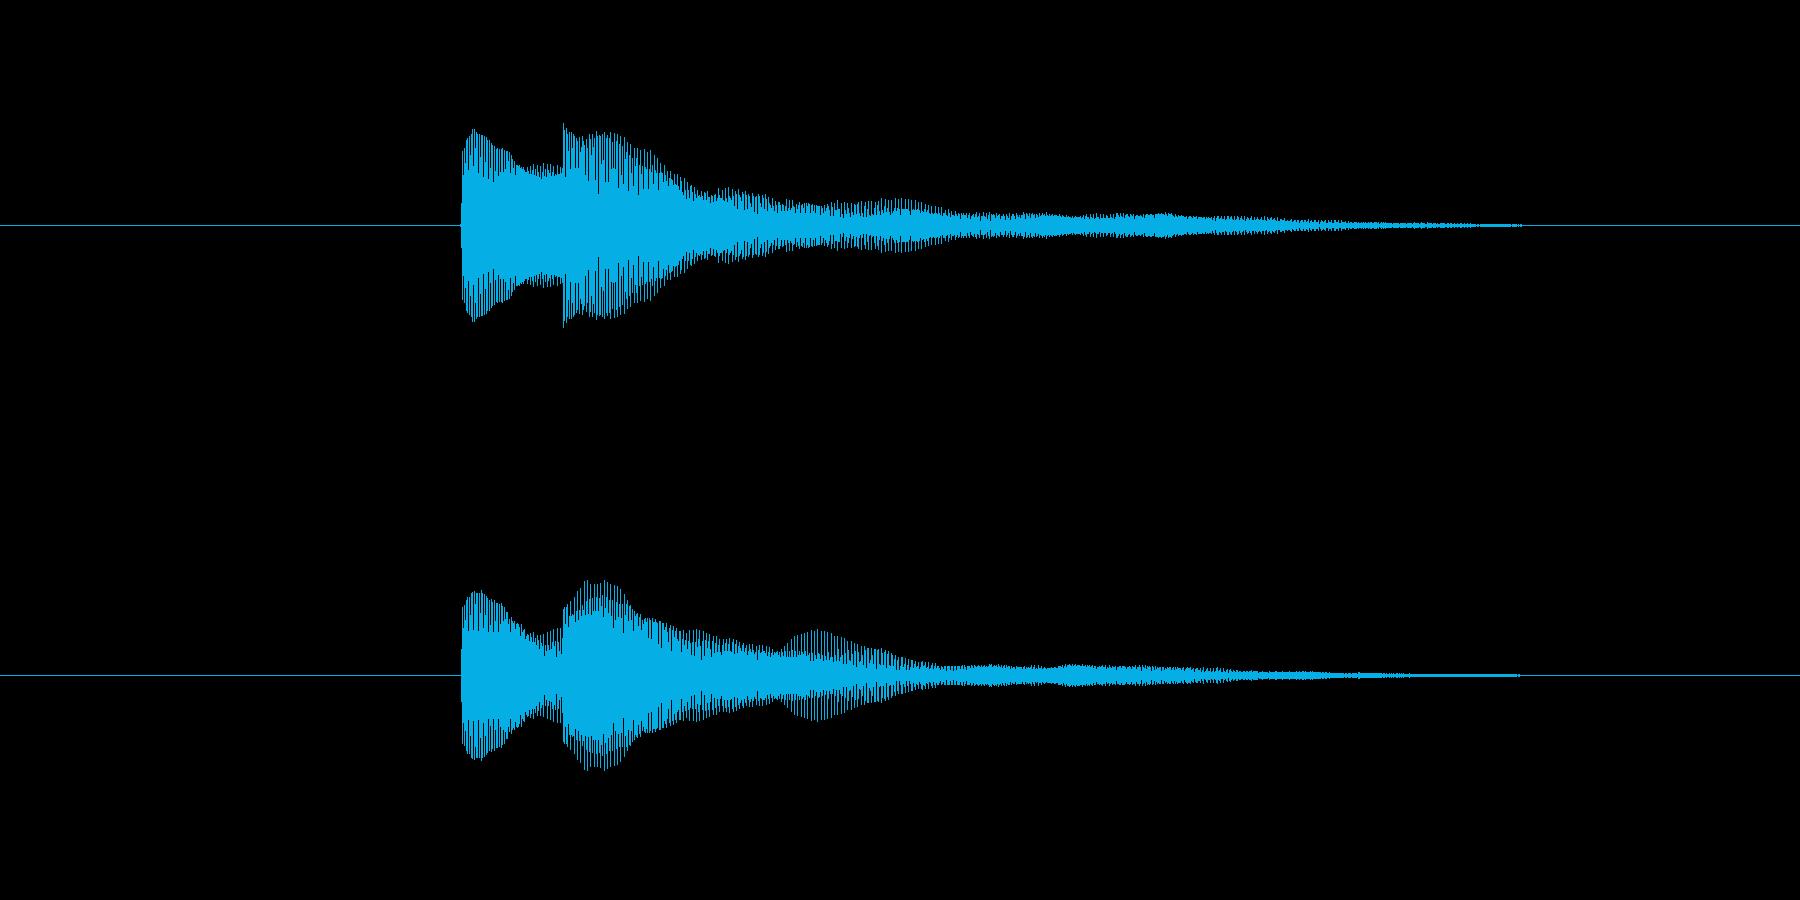 ピコッ(決定する音)の再生済みの波形